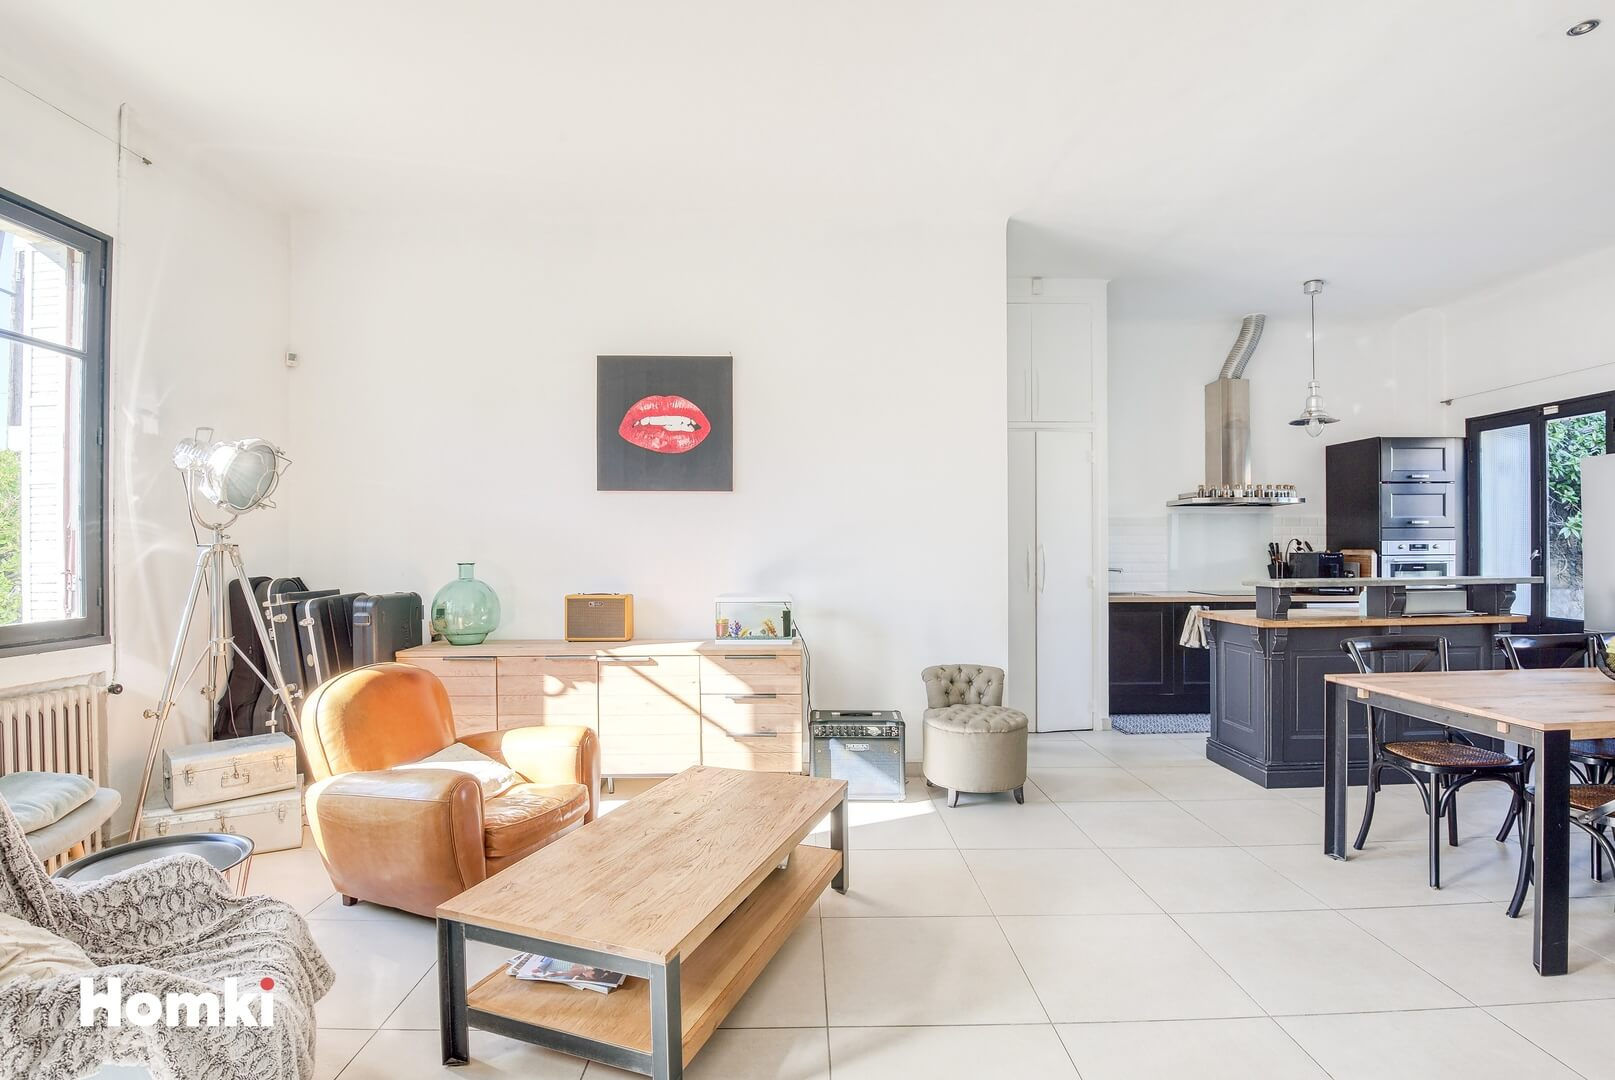 Homki - Vente Maison/villa  de 120.0 m² à Marseille 13012